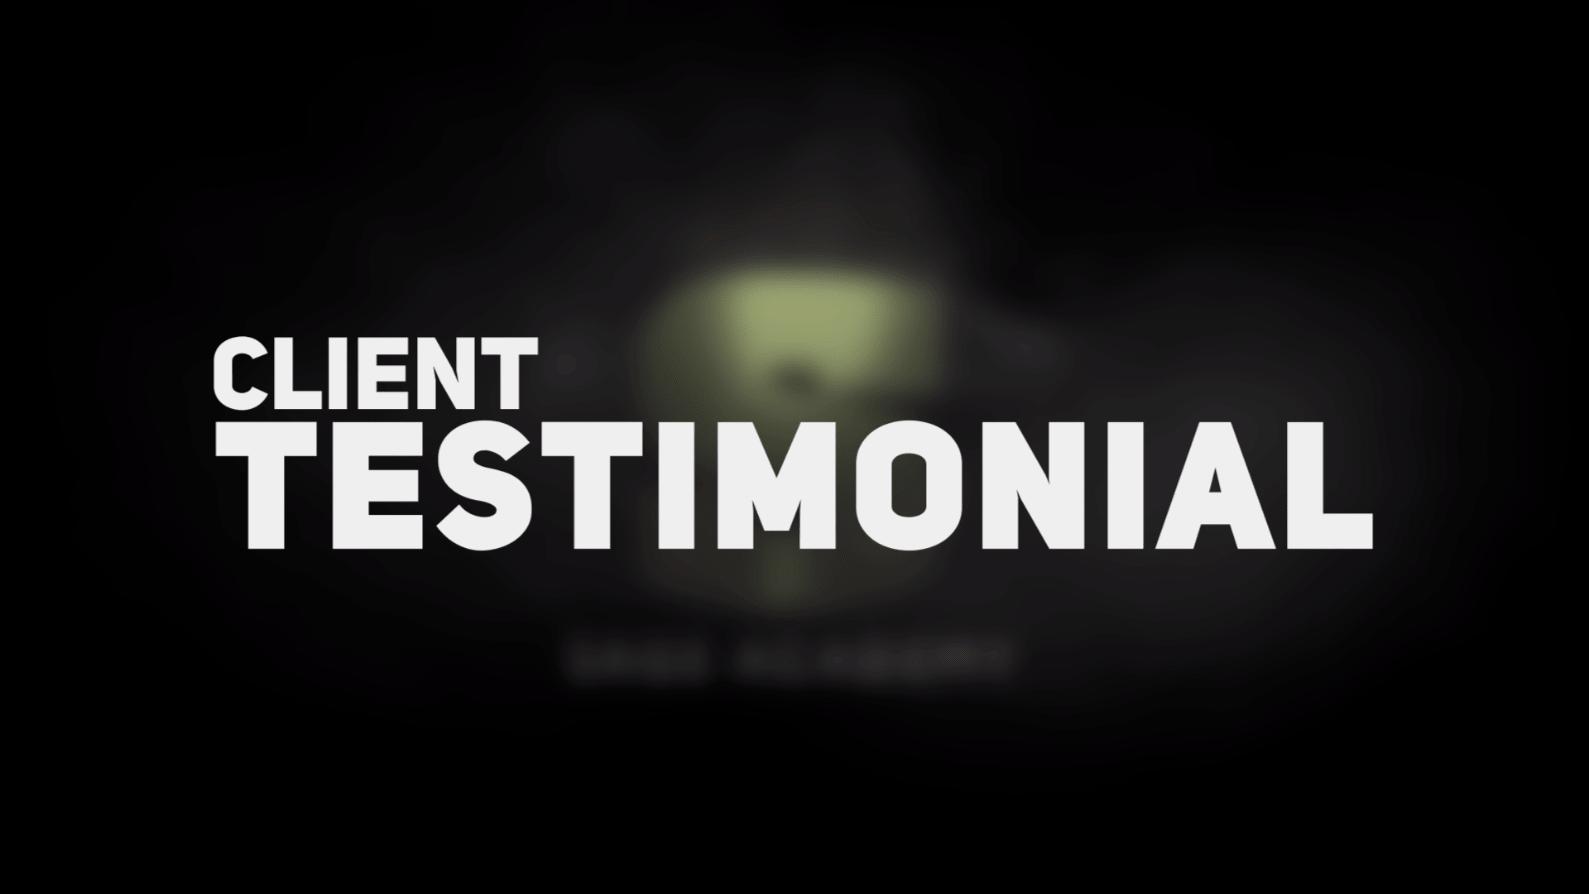 Client Testimonial Thumbnail